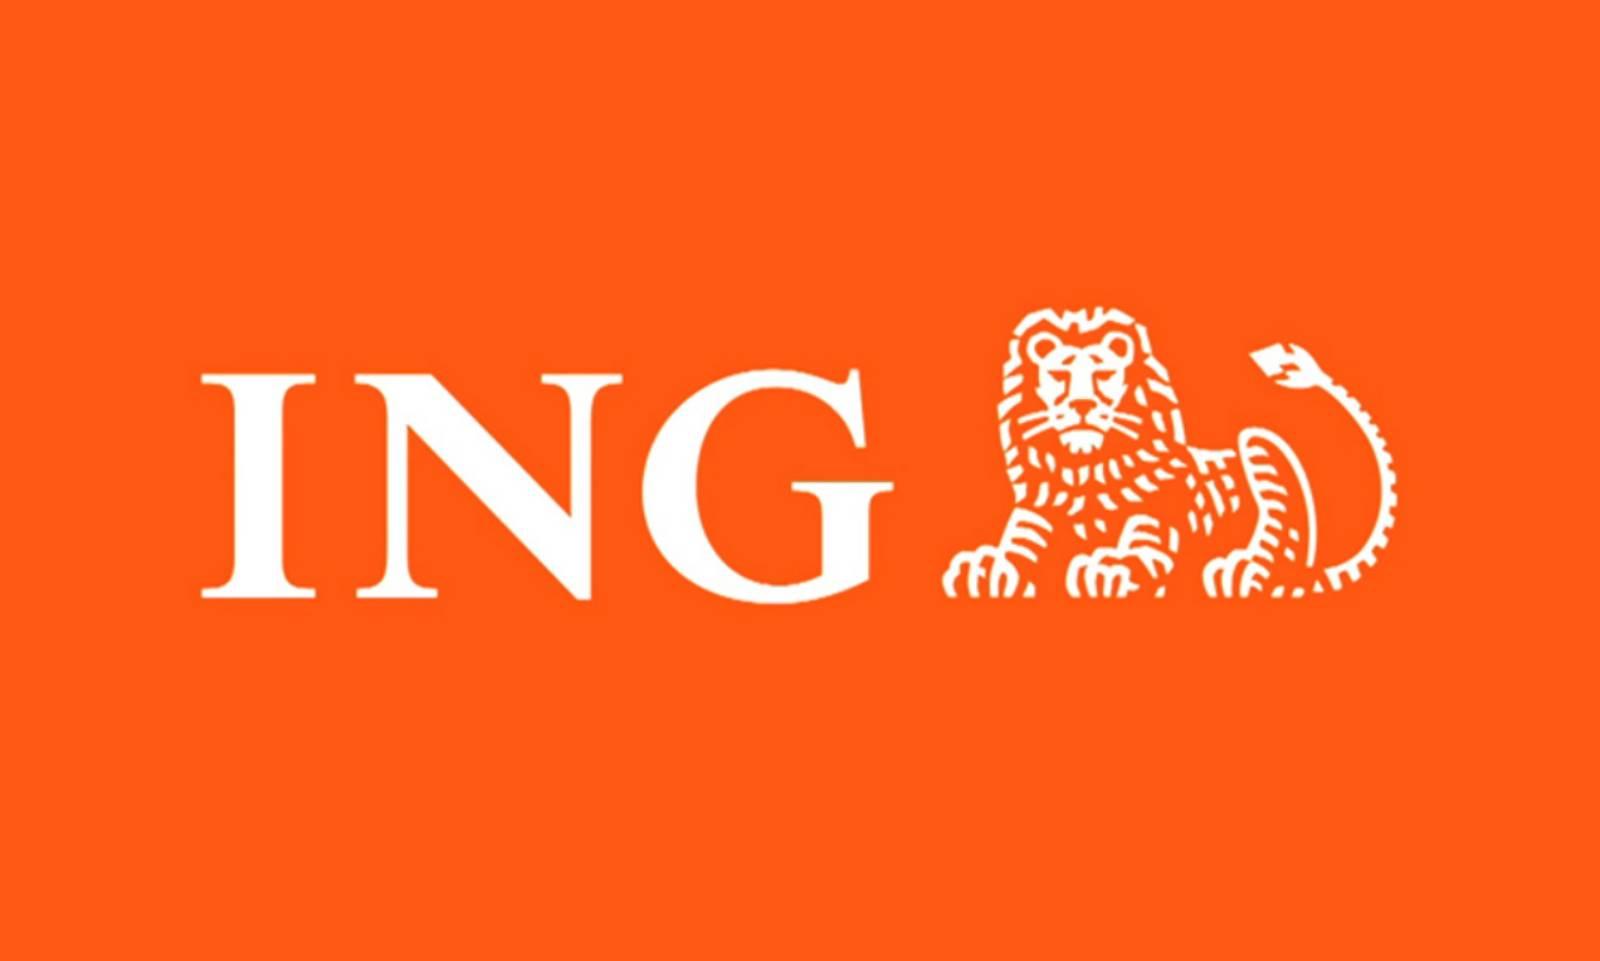 ING Bank voucher